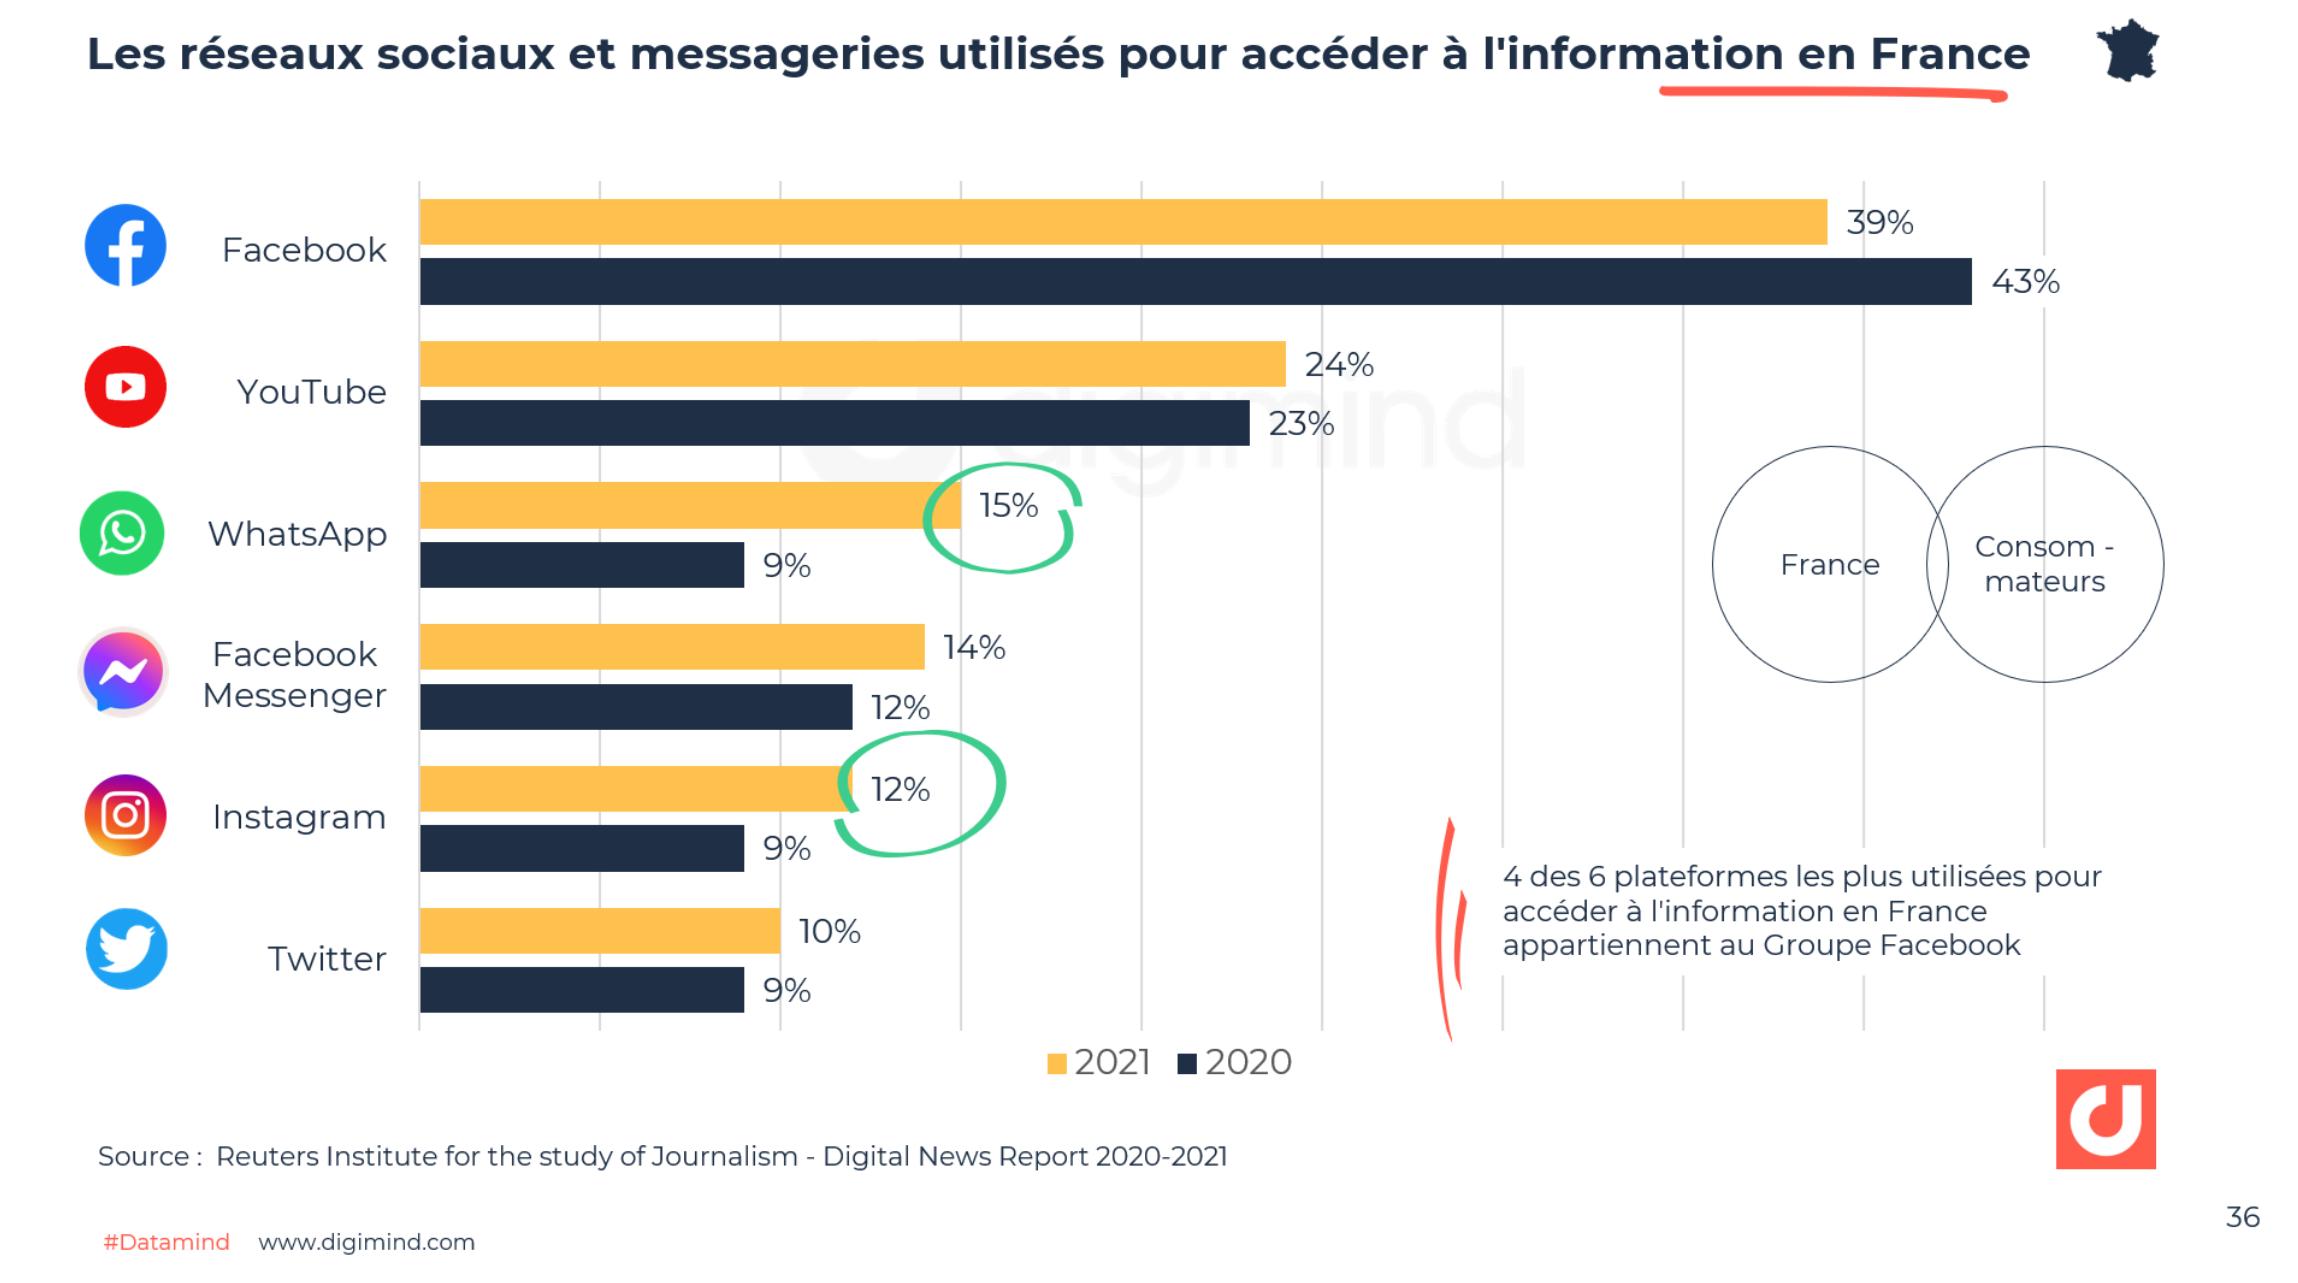 Les réseaux sociaux et messageries utilisés pour accéder à l'information en France - Digital News Report 2020-2021